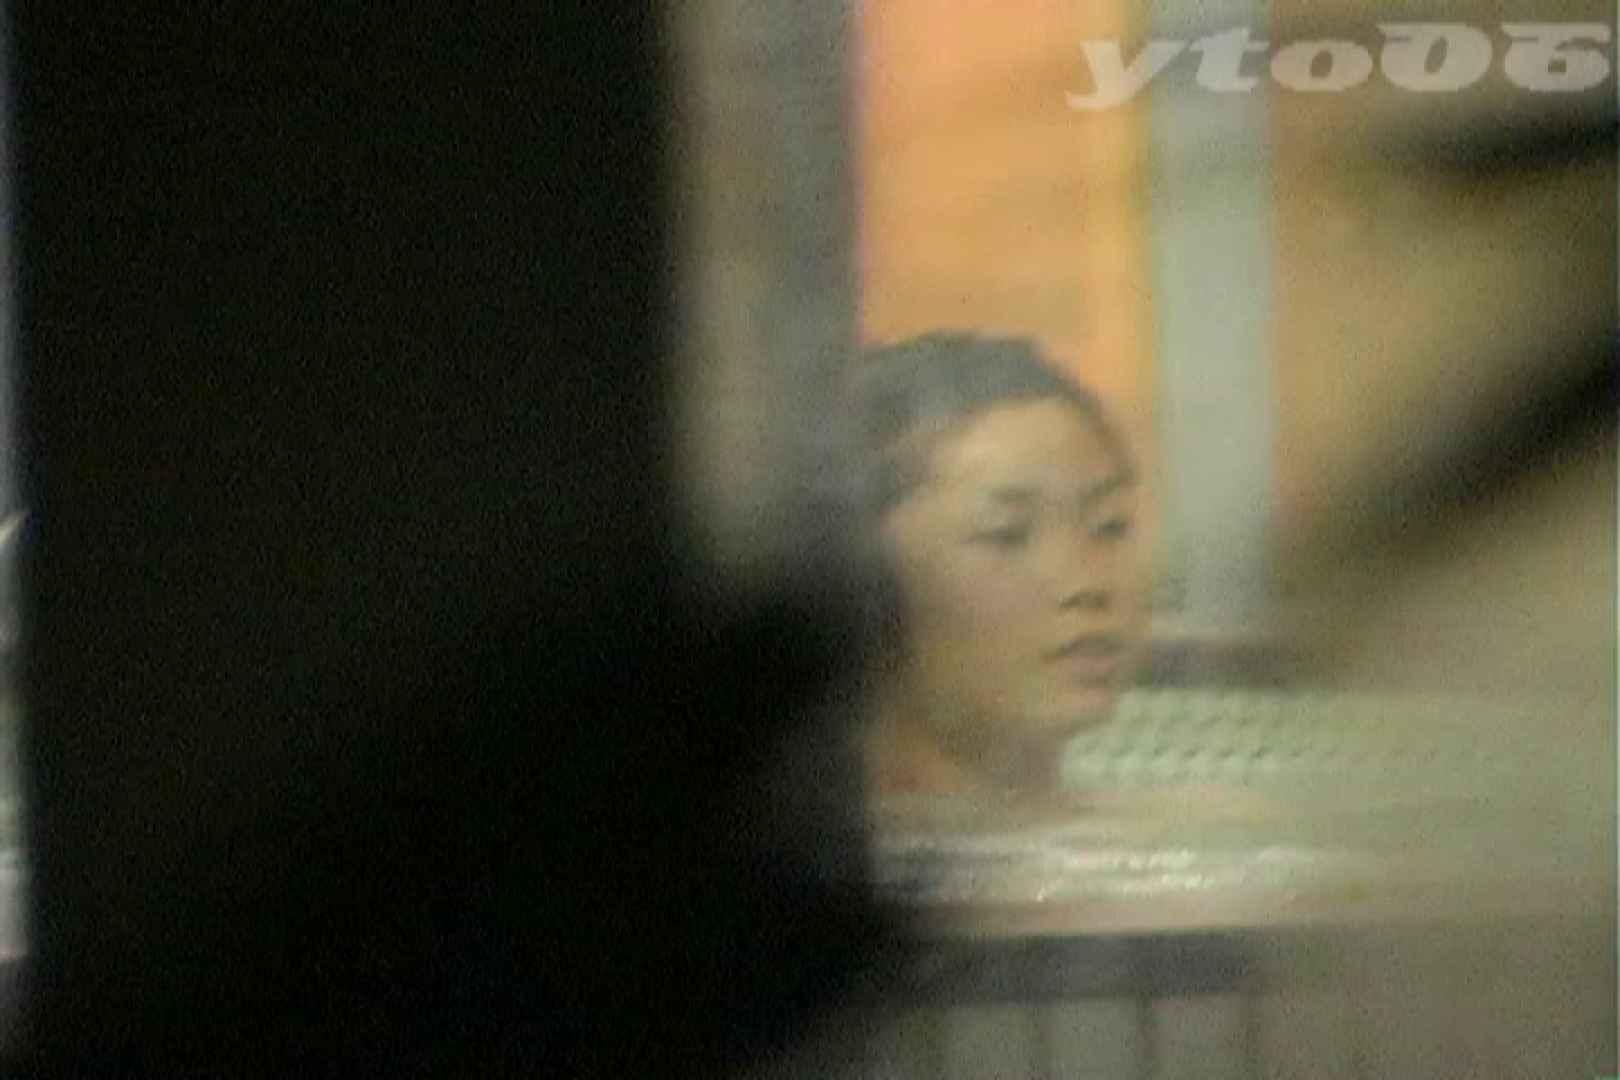 ▲復活限定▲合宿ホテル女風呂盗撮 Vol.36 女風呂   OLのボディ  78PIX 13